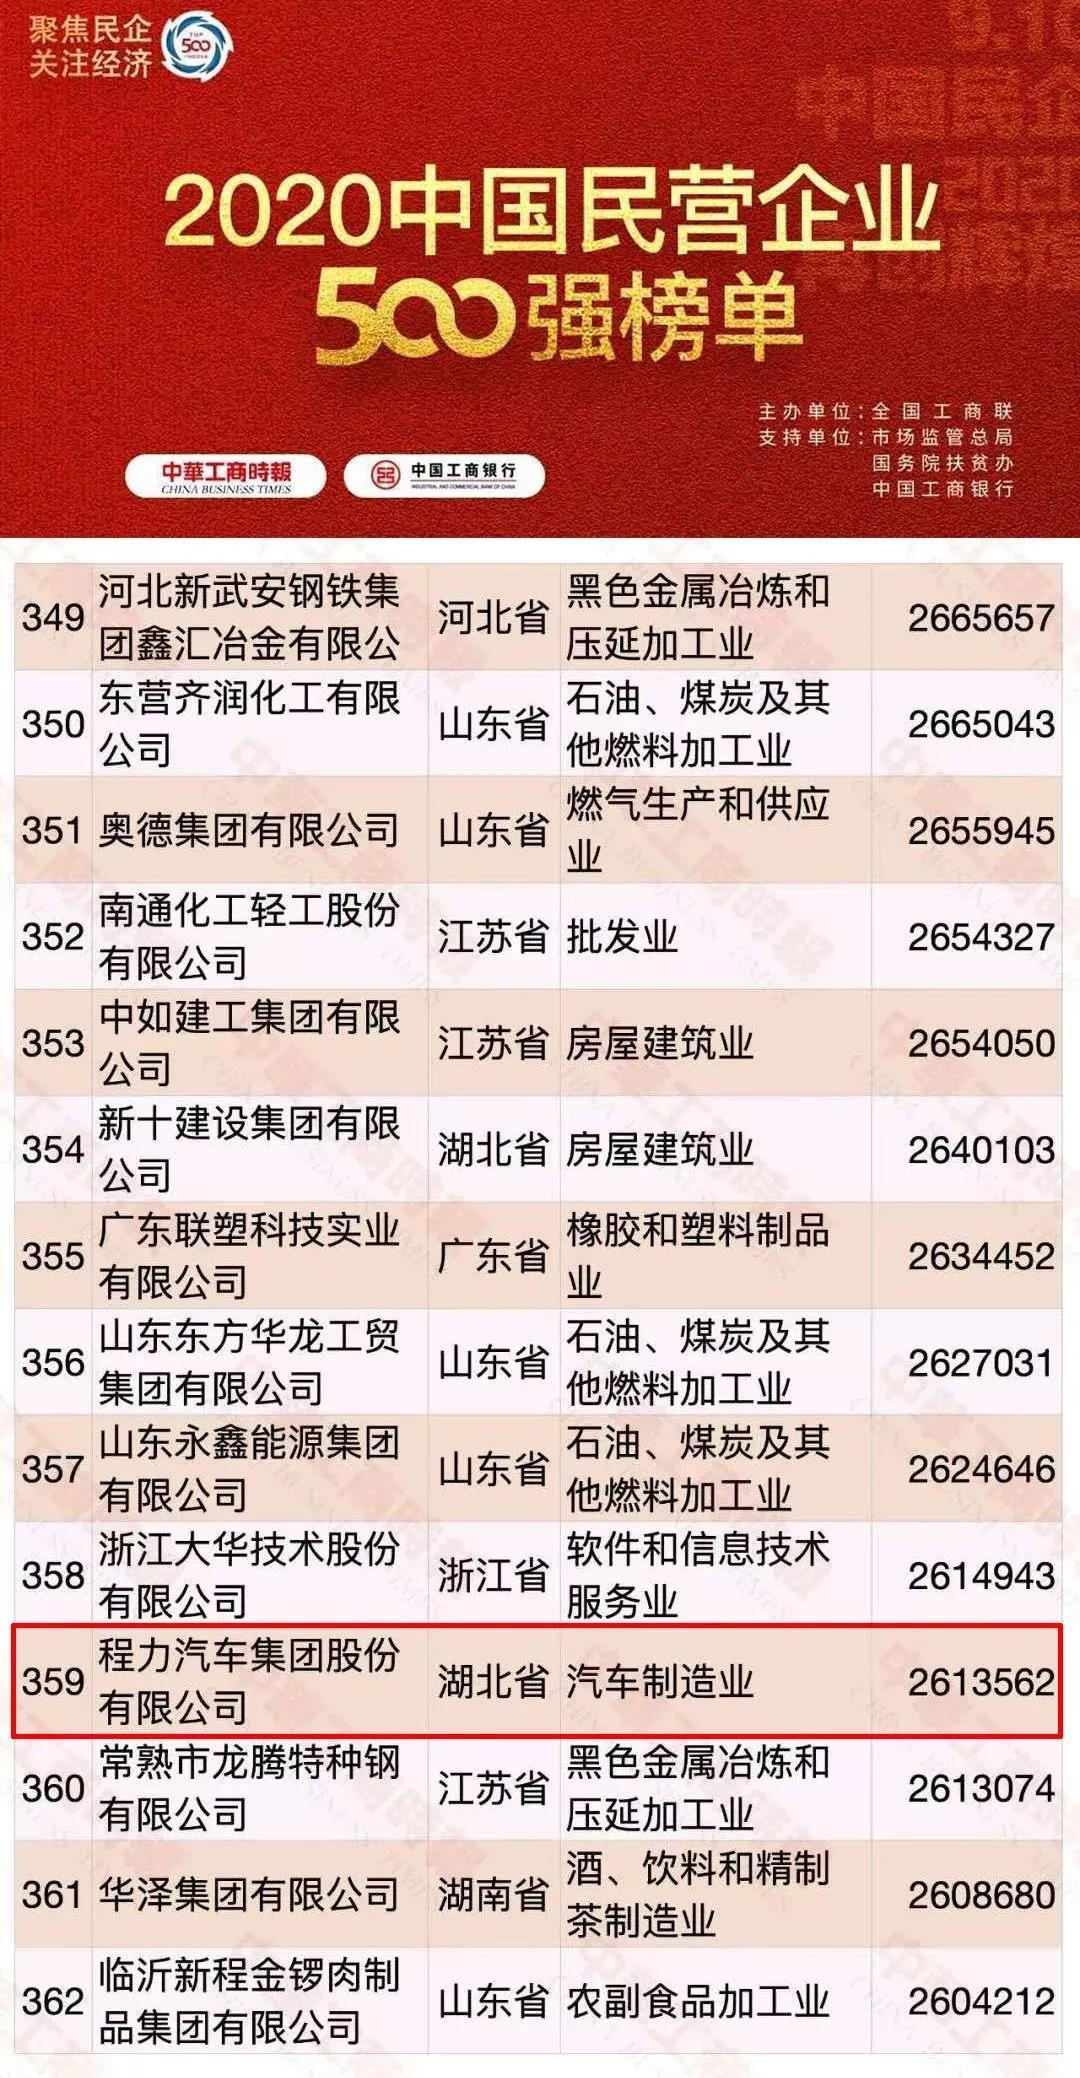 中国民营企业500强排名